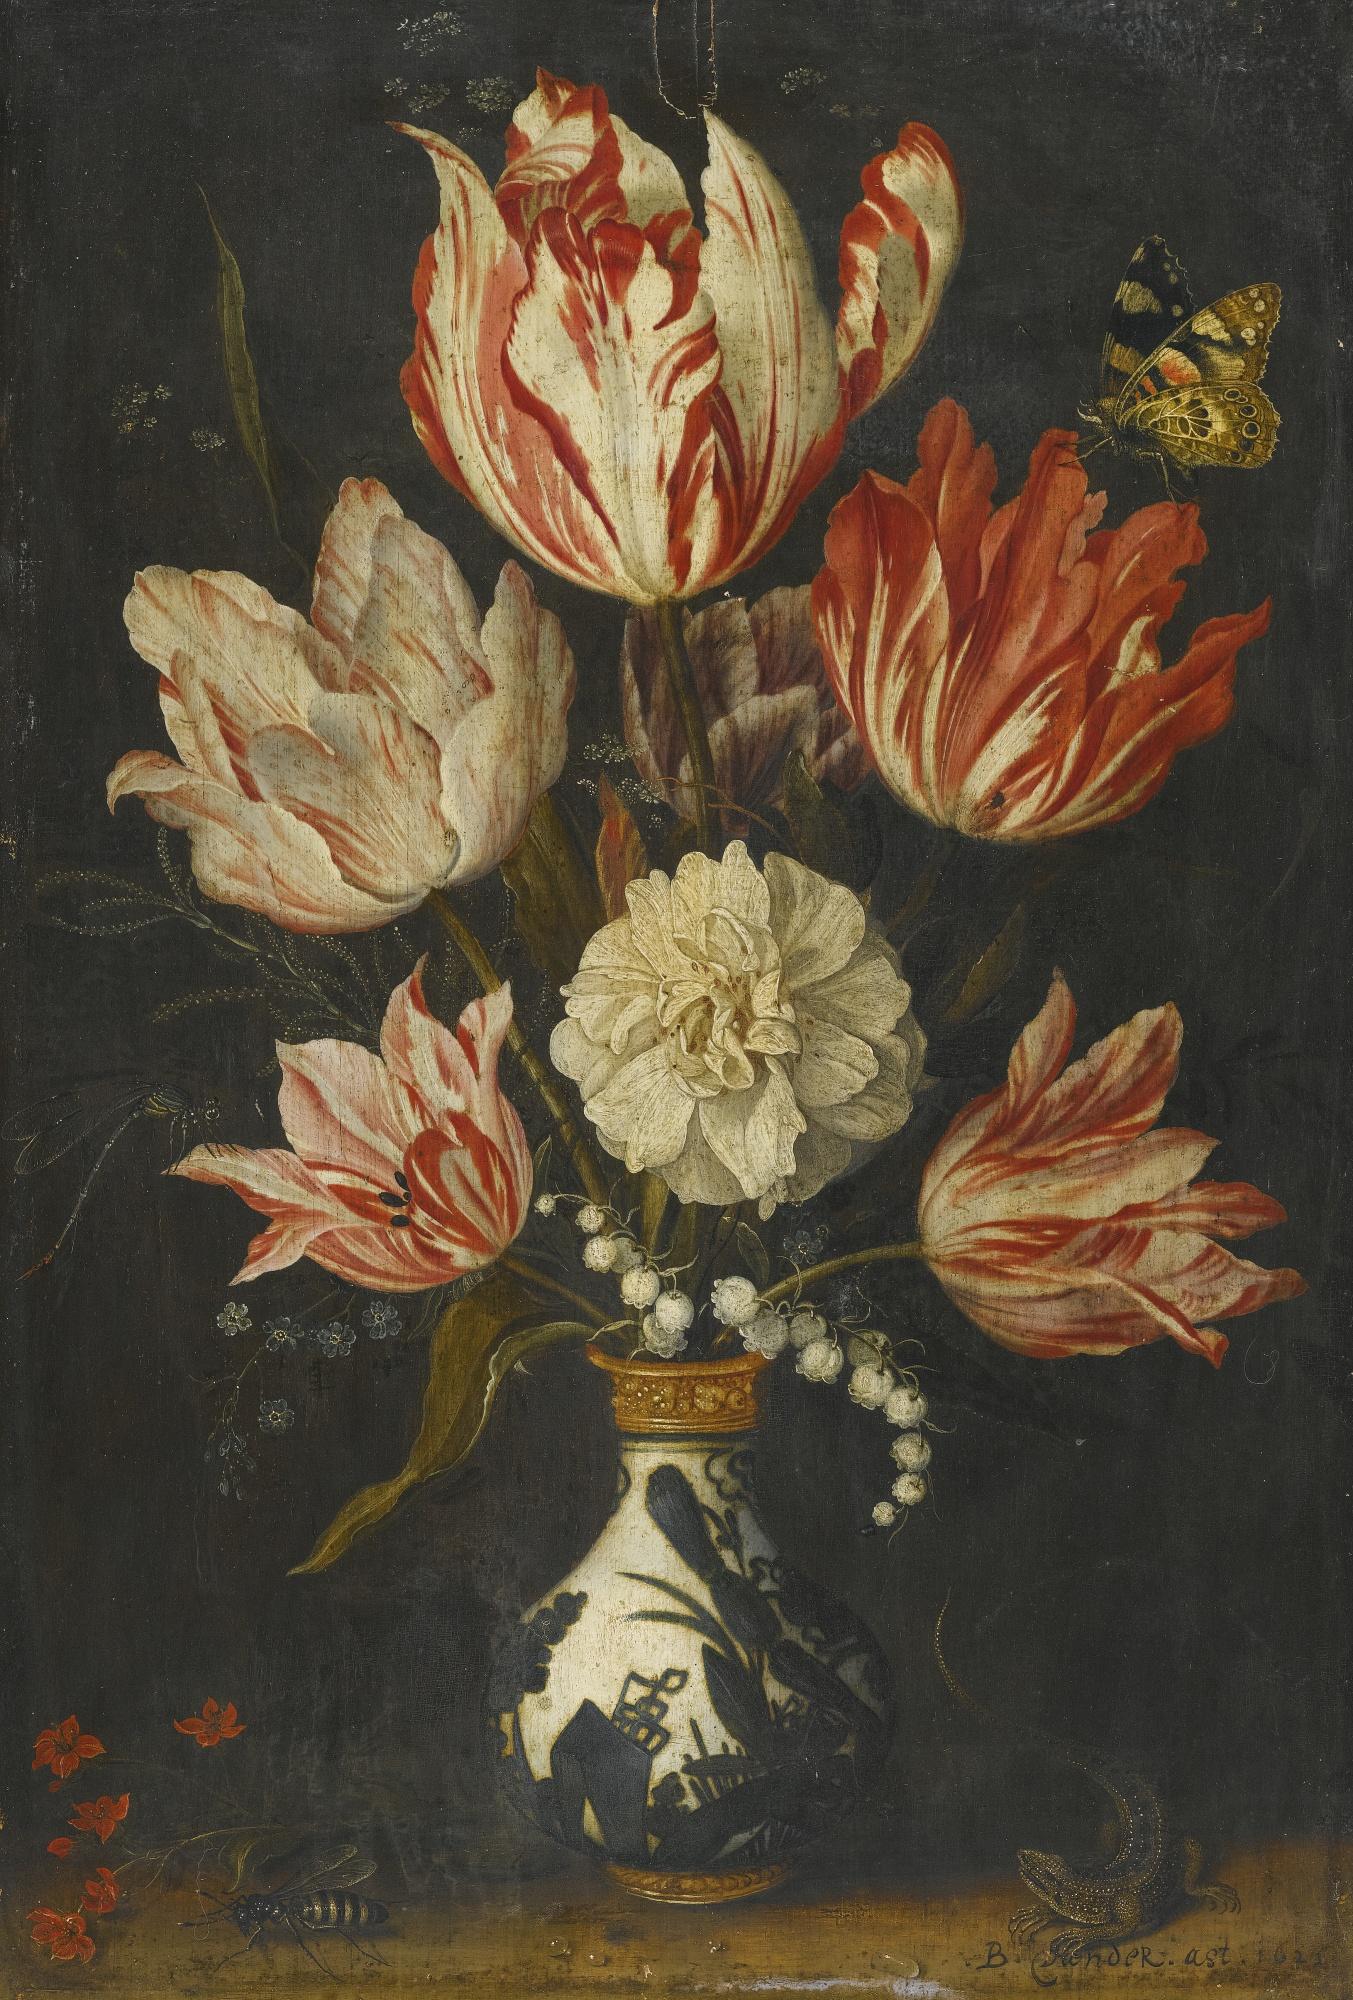 Filestill life of variegated tulips in a ceramic vaseg filestill life of variegated tulips in a ceramic vaseg reviewsmspy